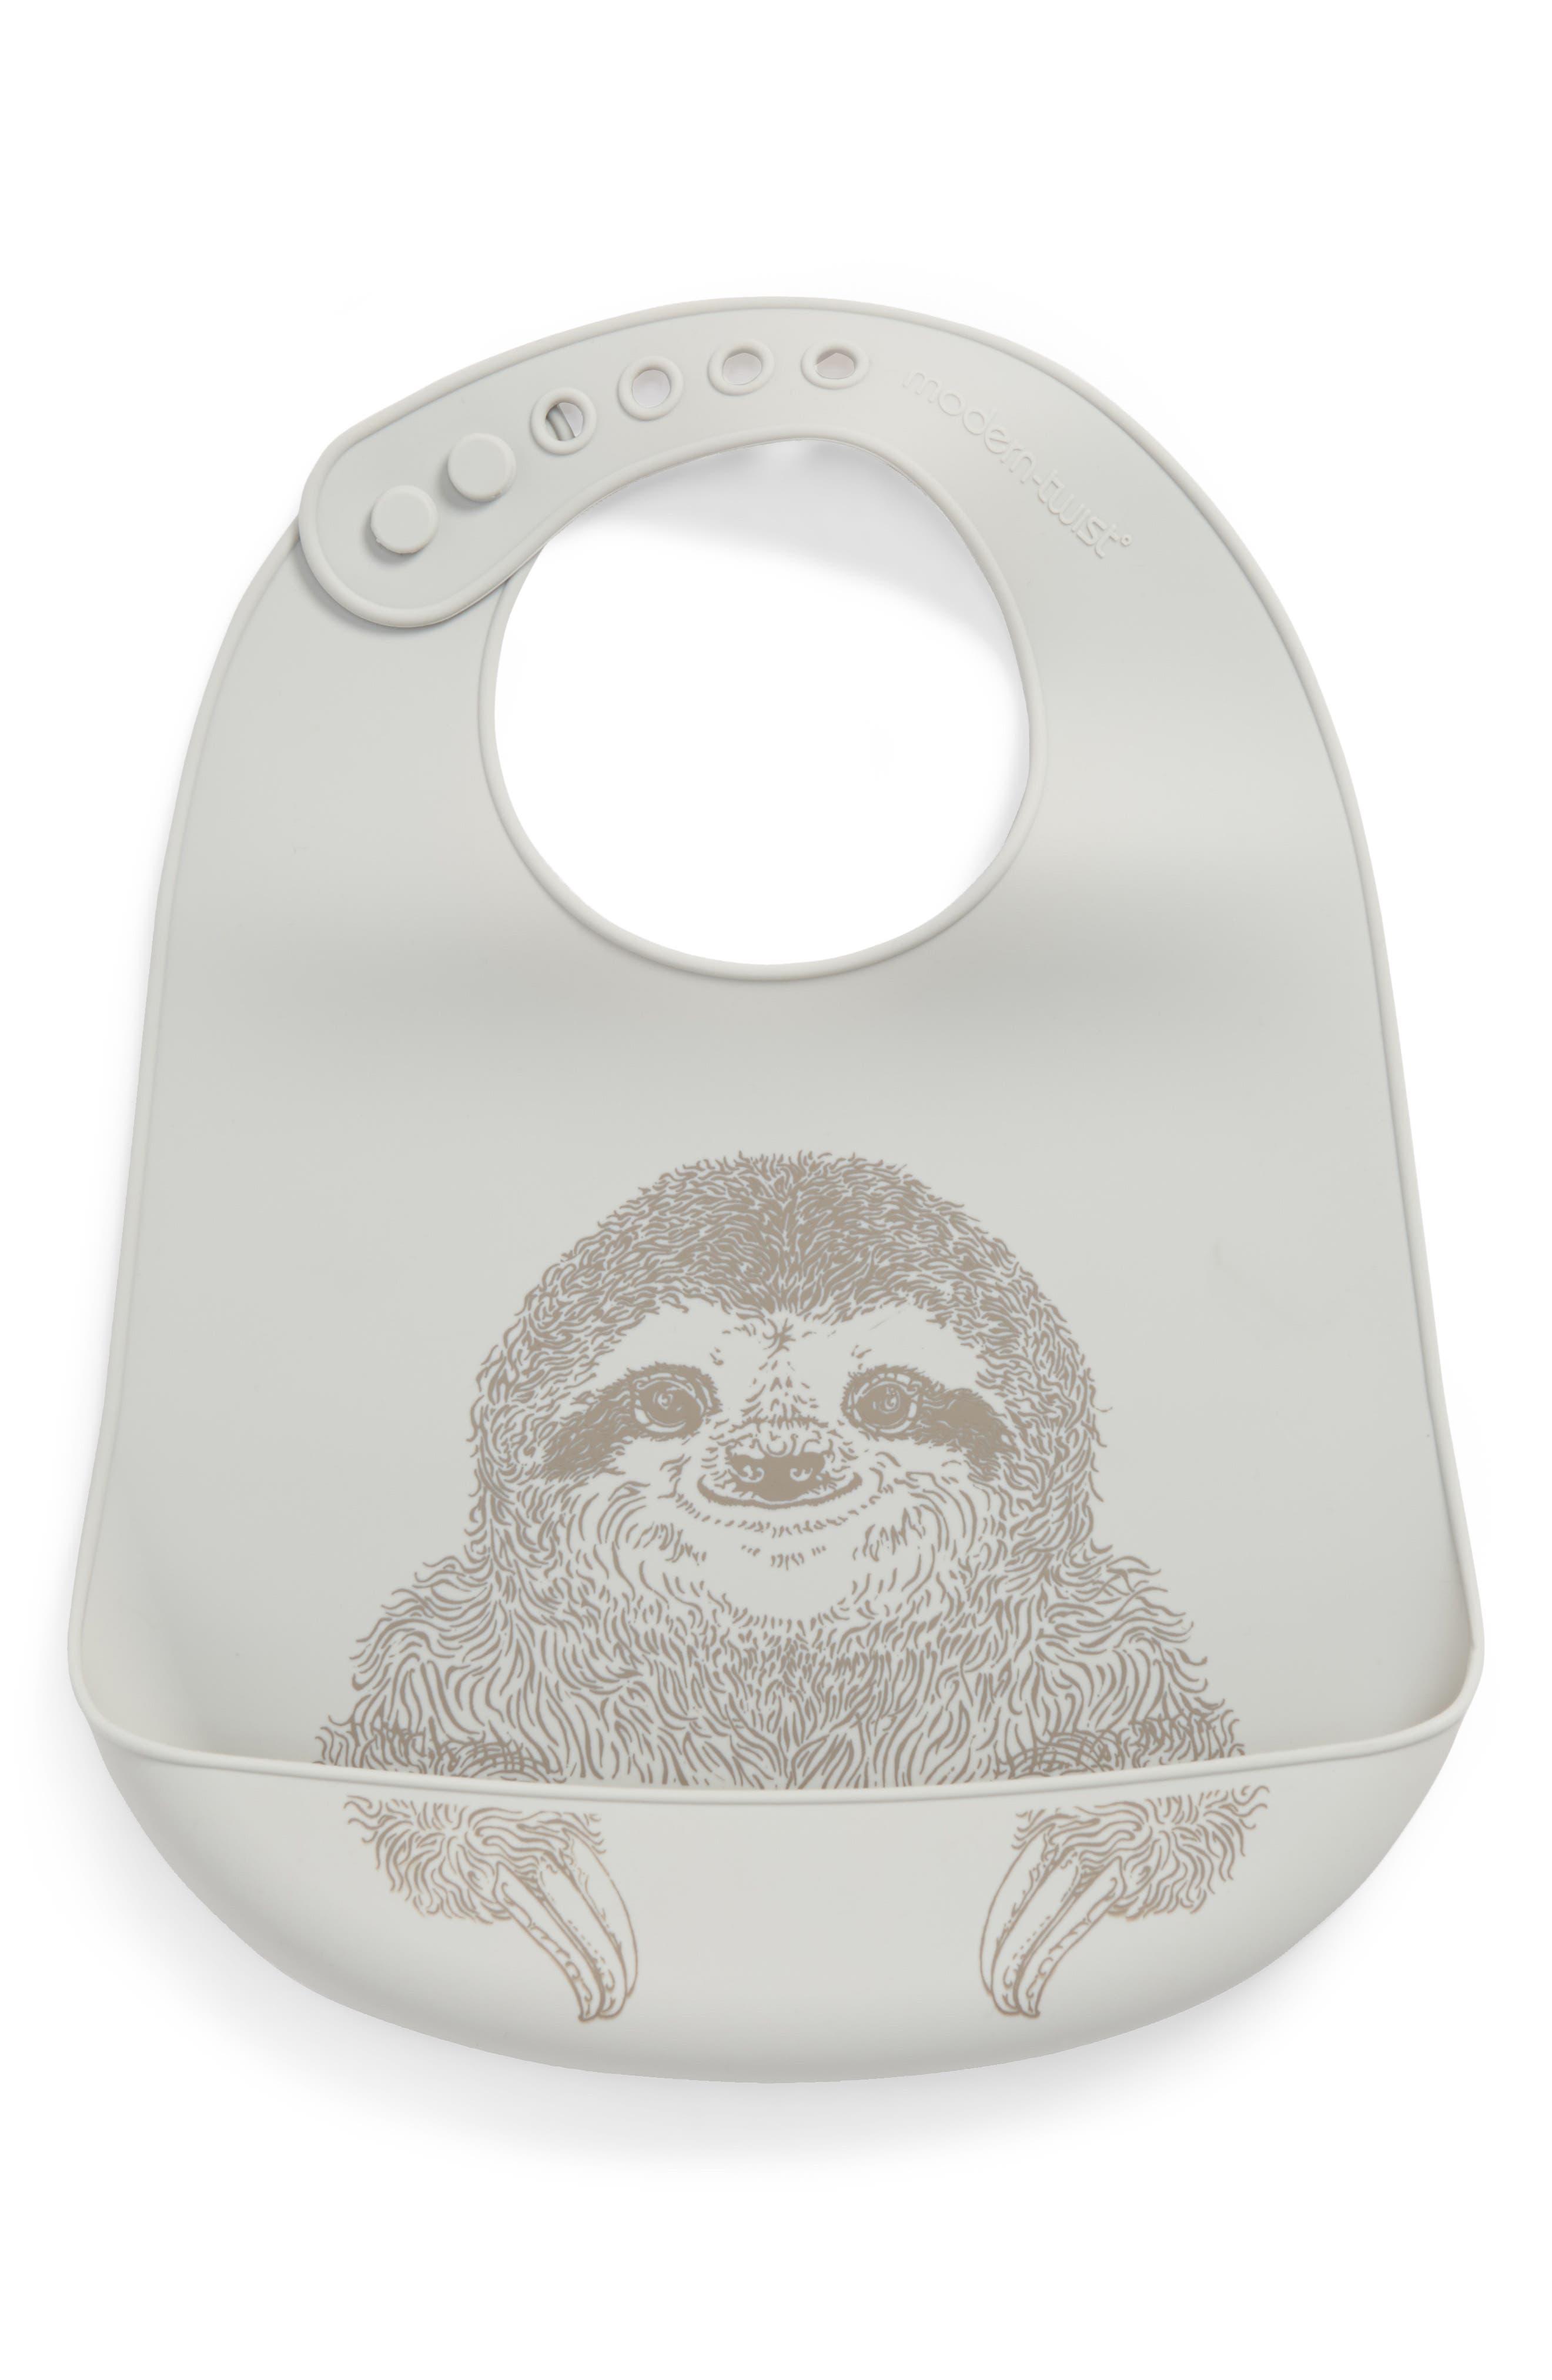 Silly Sloth Bucket Bib,                             Main thumbnail 1, color,                             Grey